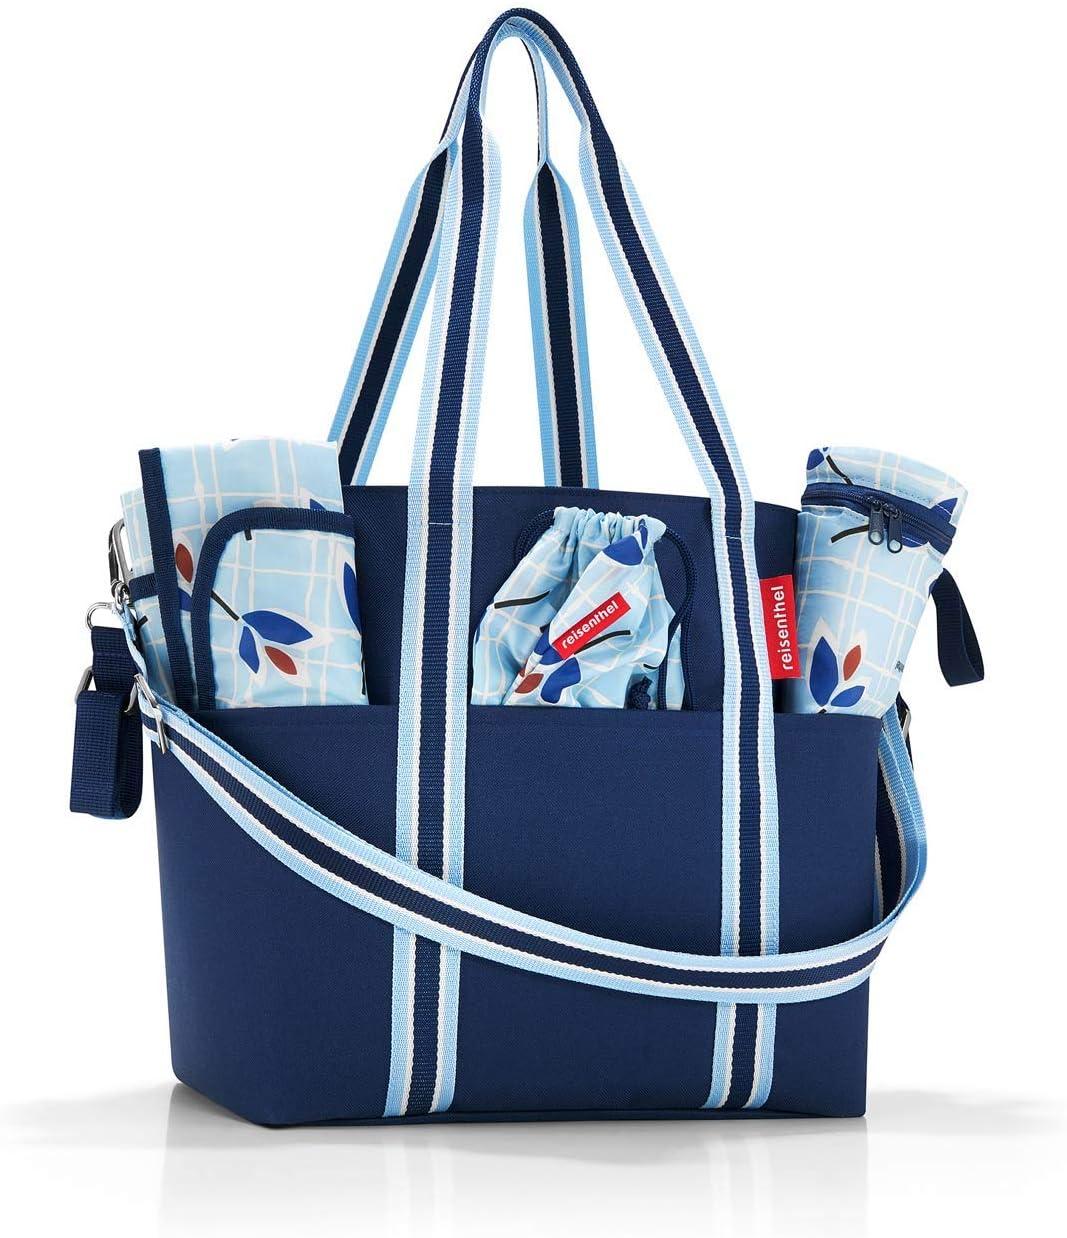 15 Liter Reisenthel Baby Organizer Umh/ängetasche 50 cm Navy